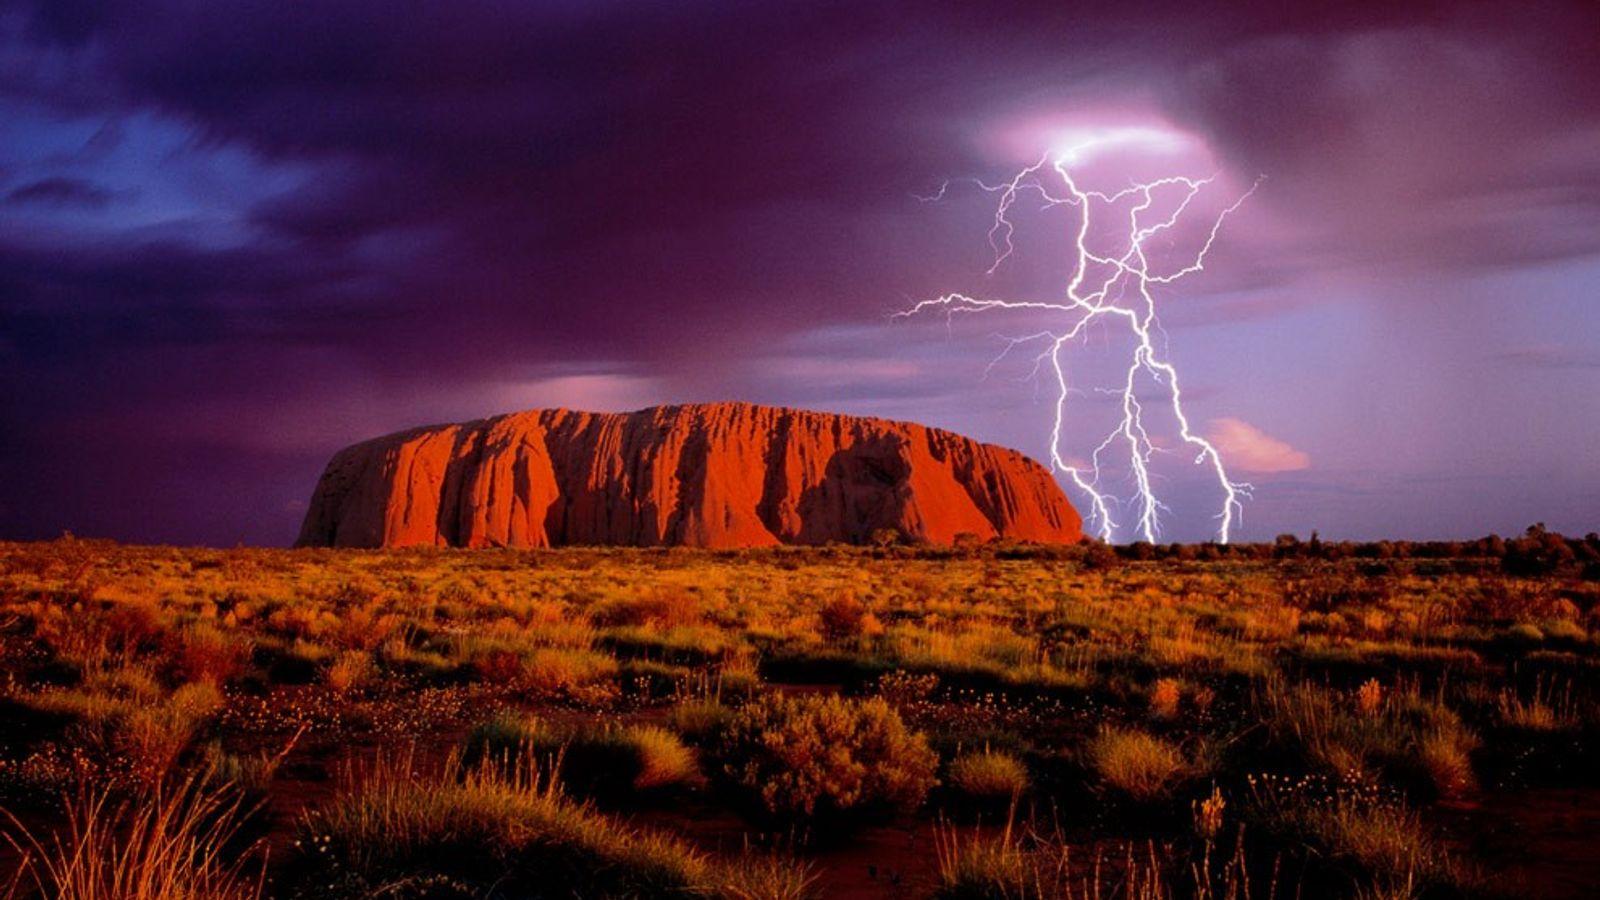 Relâmpagos lampejam sobre Ayers Rock, um monólito de arenito vermelho e um dos principais símbolos australianos